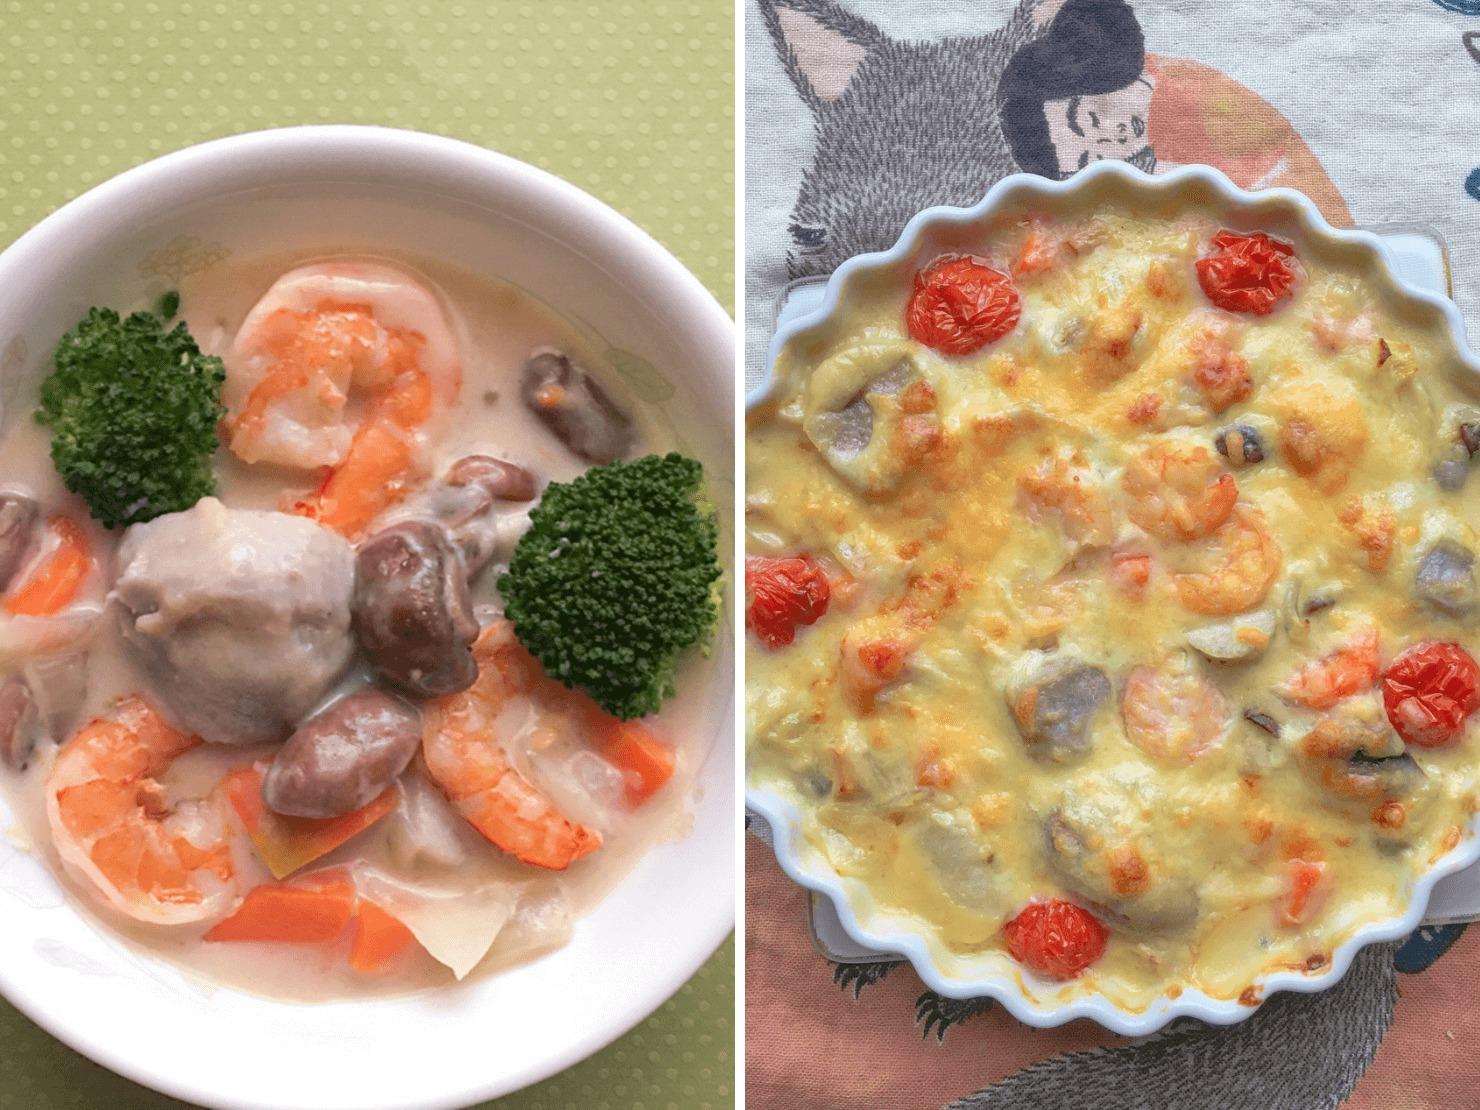 里芋のクリームシチューとリメイクグラタンの写真